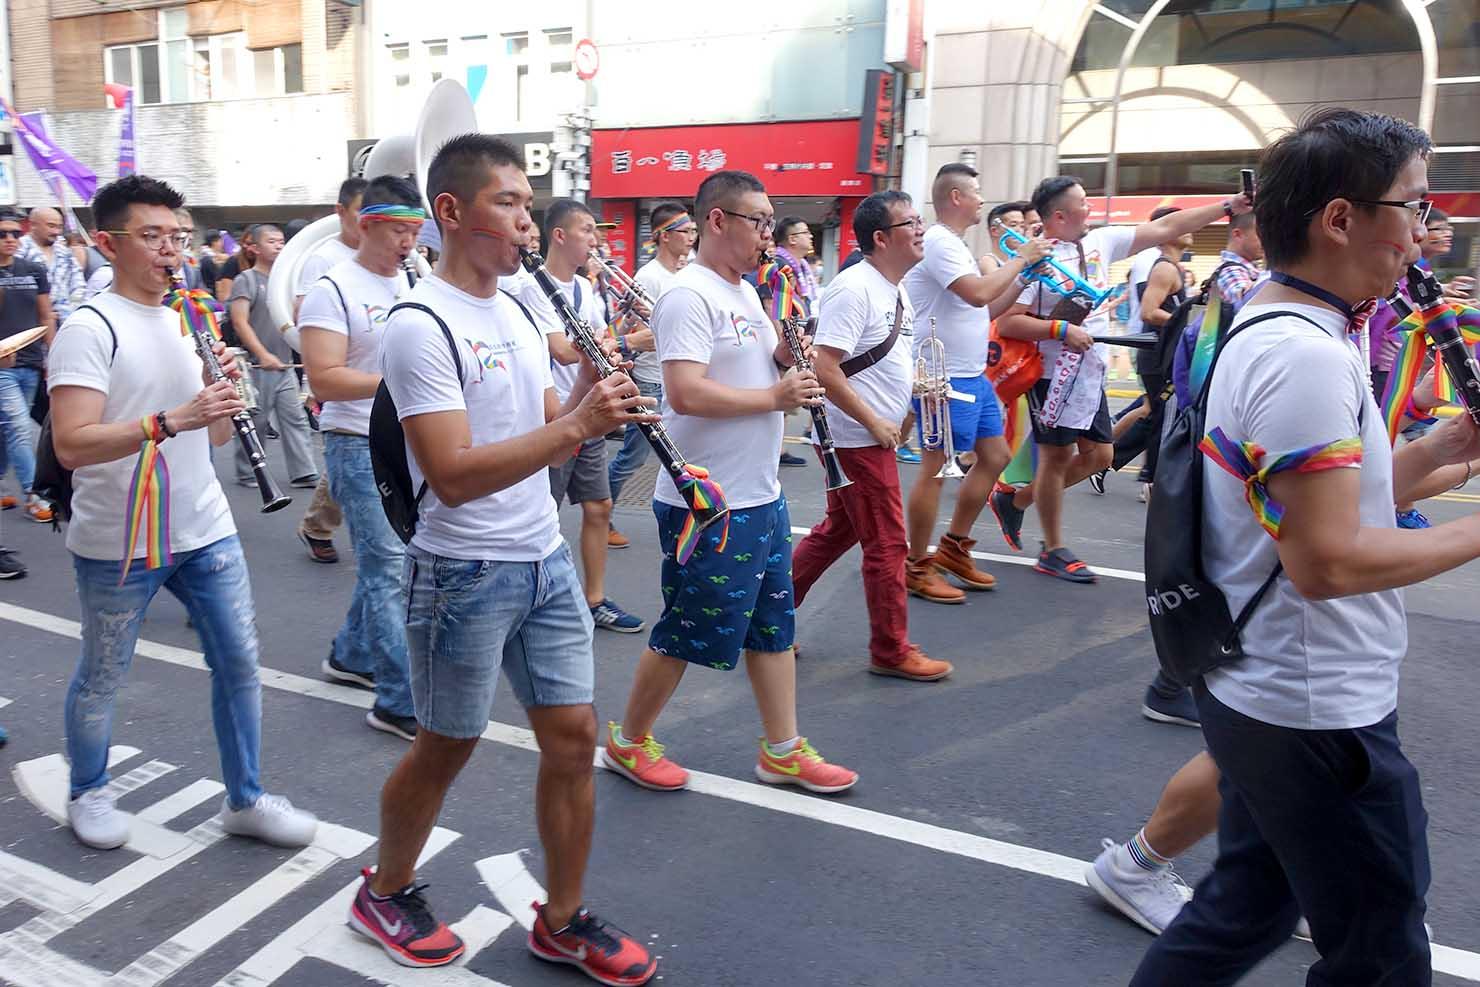 台湾LGBTプライド(台灣同志遊行)2017に参加するマーチングバンド